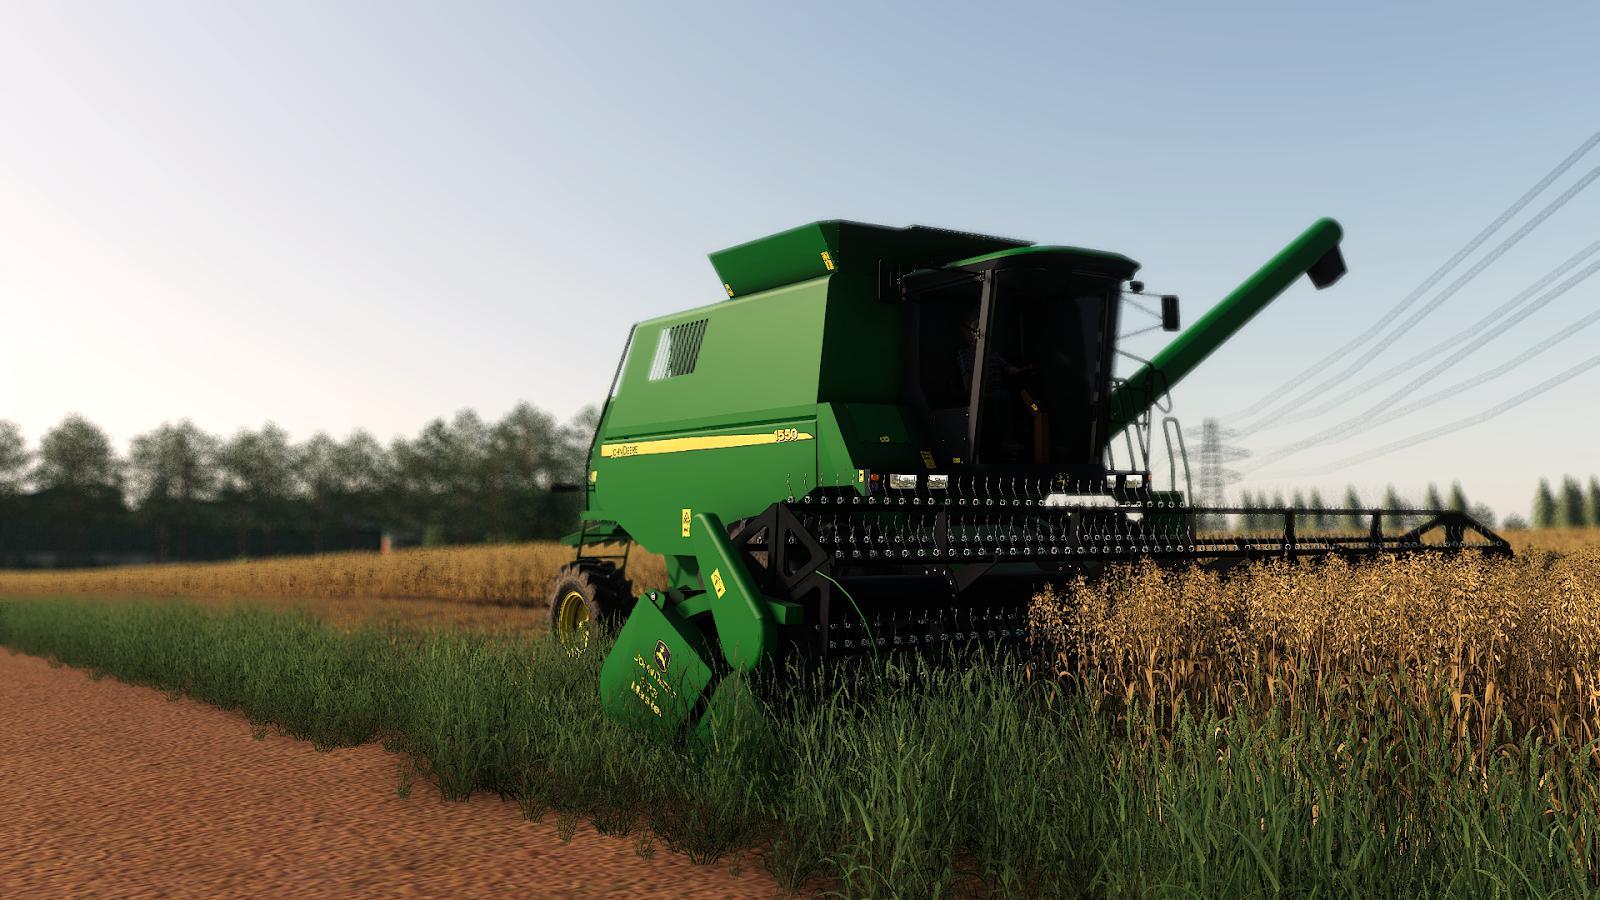 FS19 - John Deere 1550 Harvester Mod V1.0